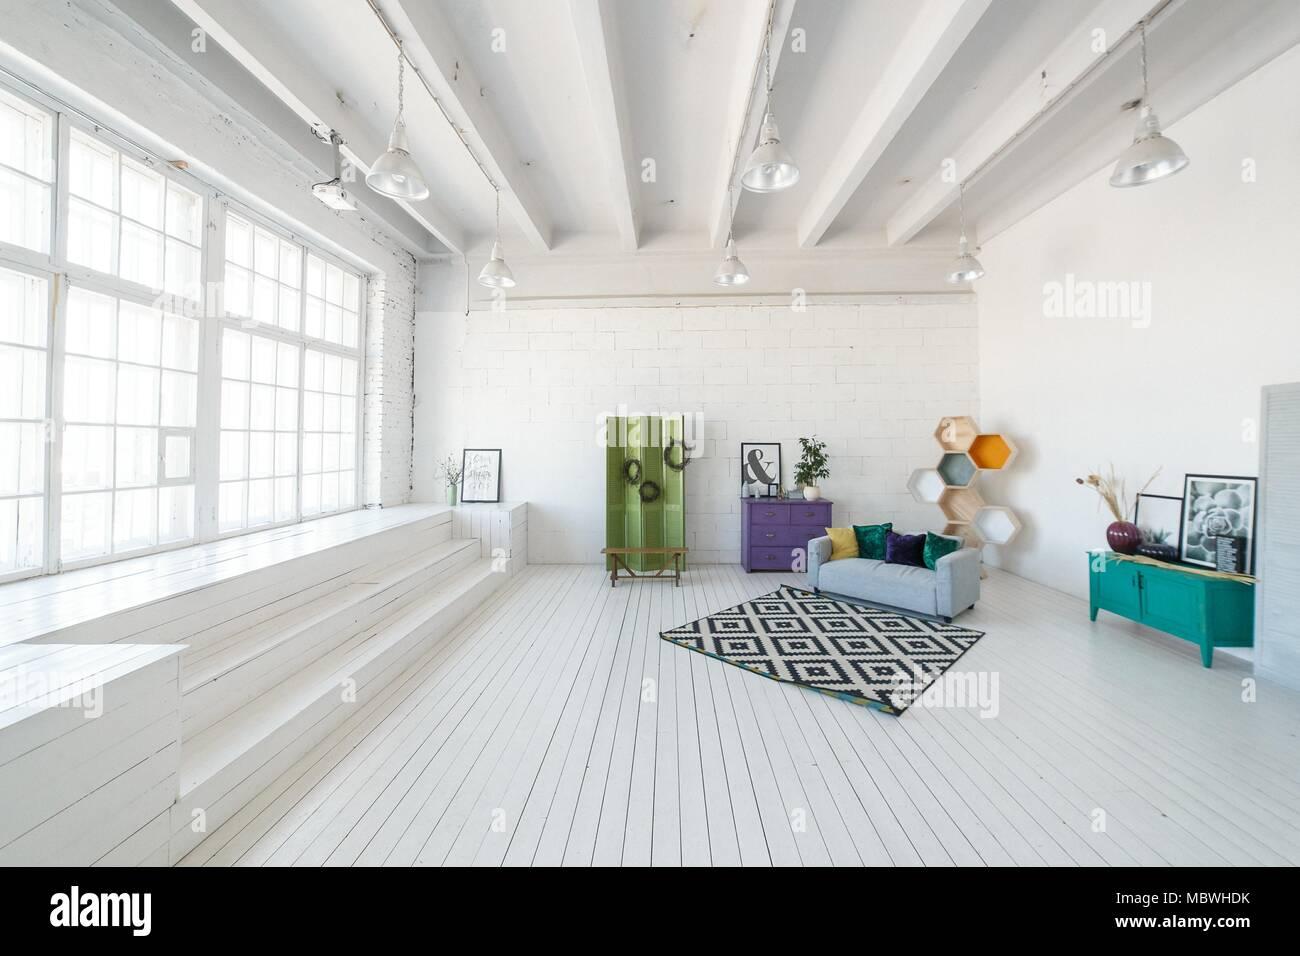 Soffitti In Legno Bianco : Luminosa foto in studio o in salotto interno con grande finestra